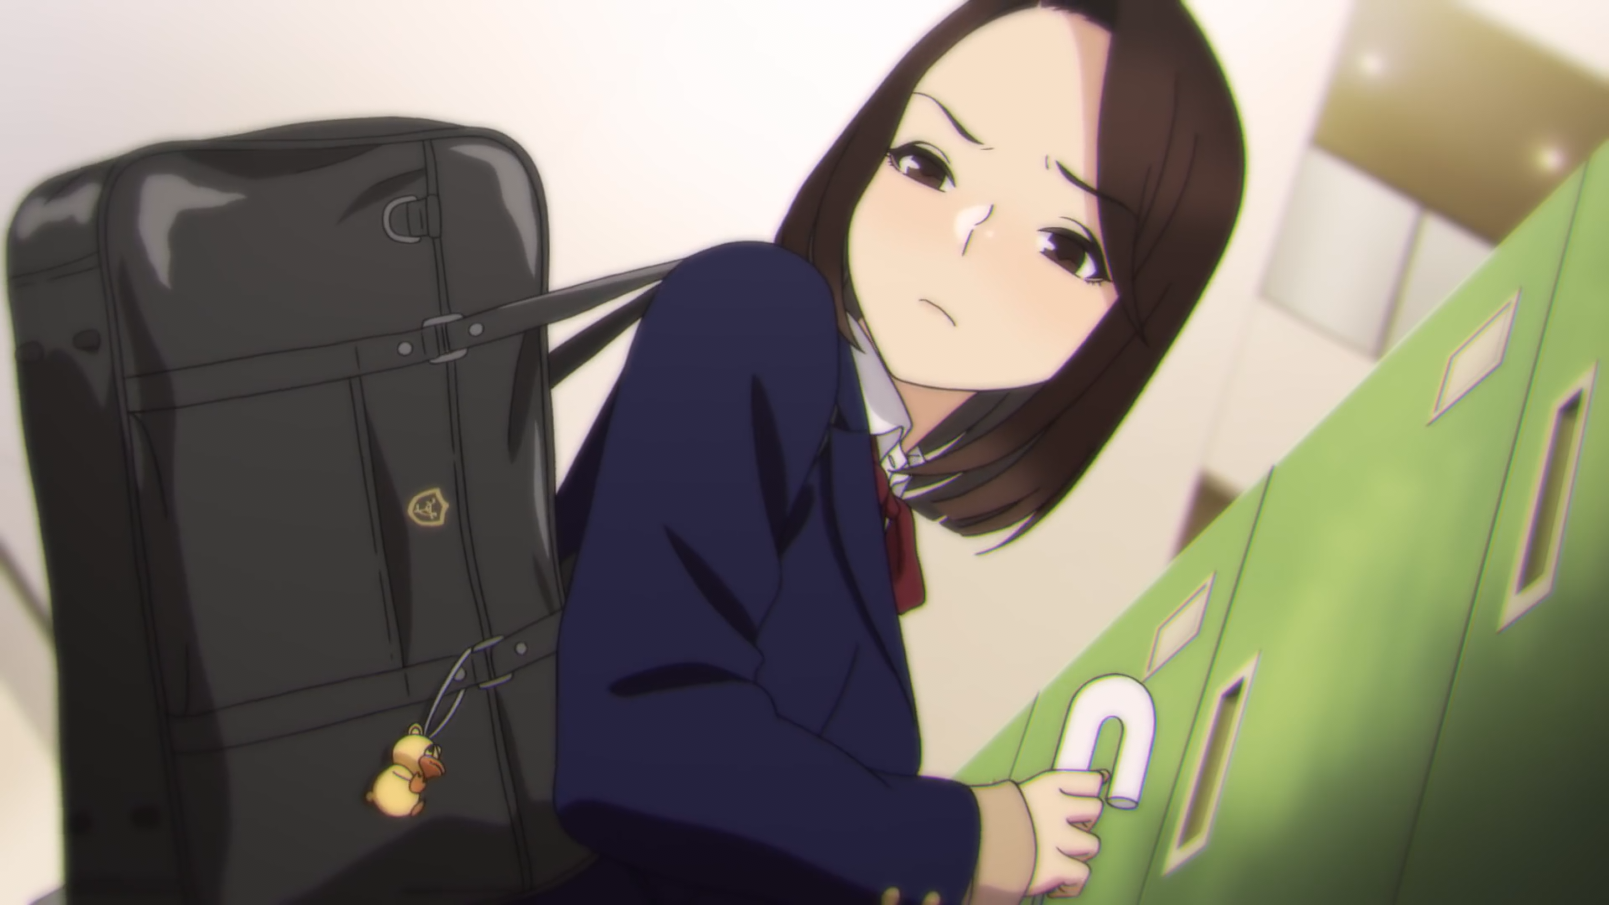 Résumé web anime basé sur les travaux de lillustrateur yomu lhistoire se centre sur 3 lycéennes portant des collants de différents types yua